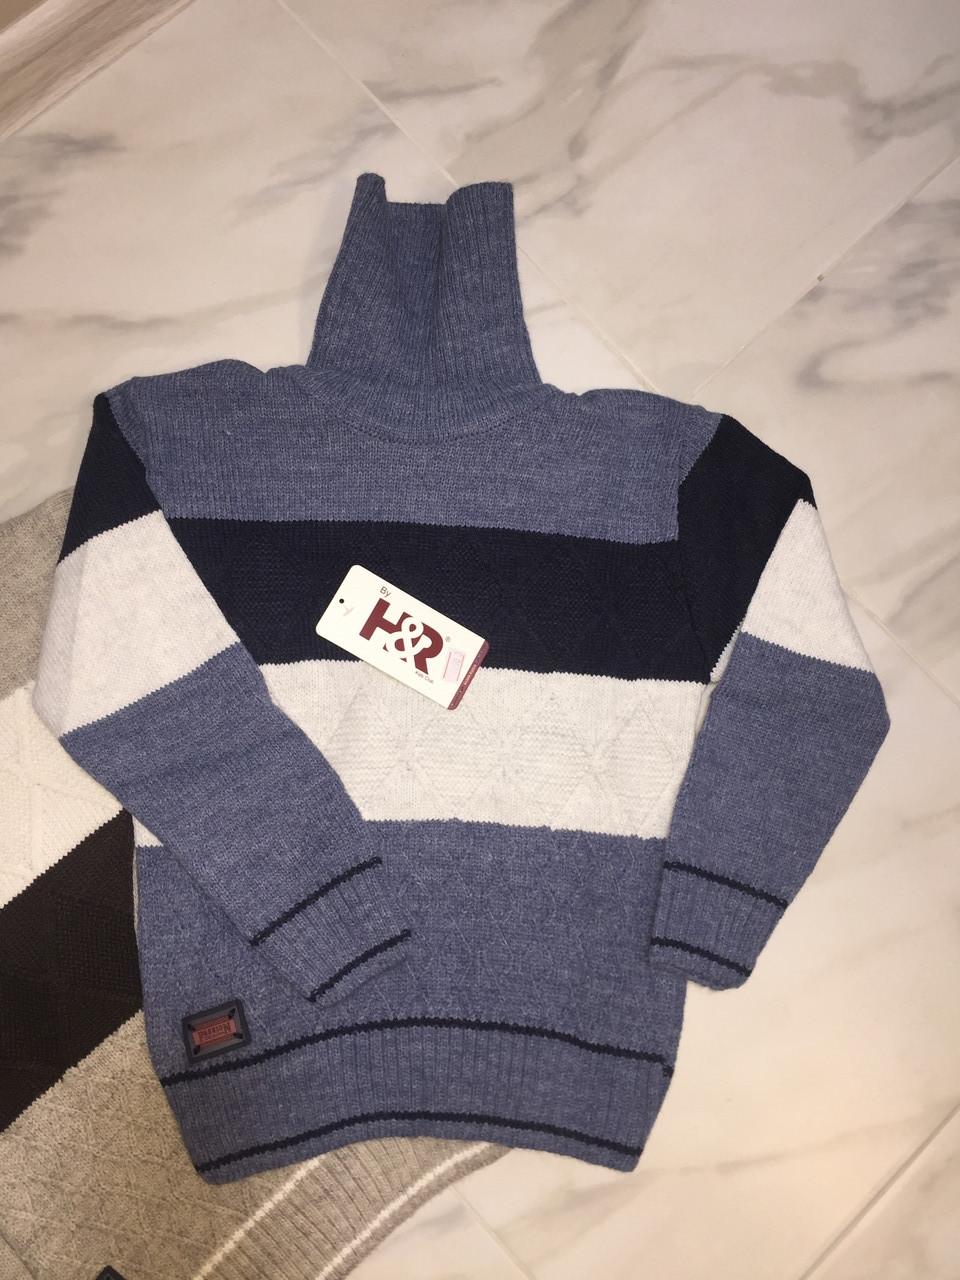 Детский свитер под горлона мальчика турецкой фирмы H&R под горло, полоска, синий